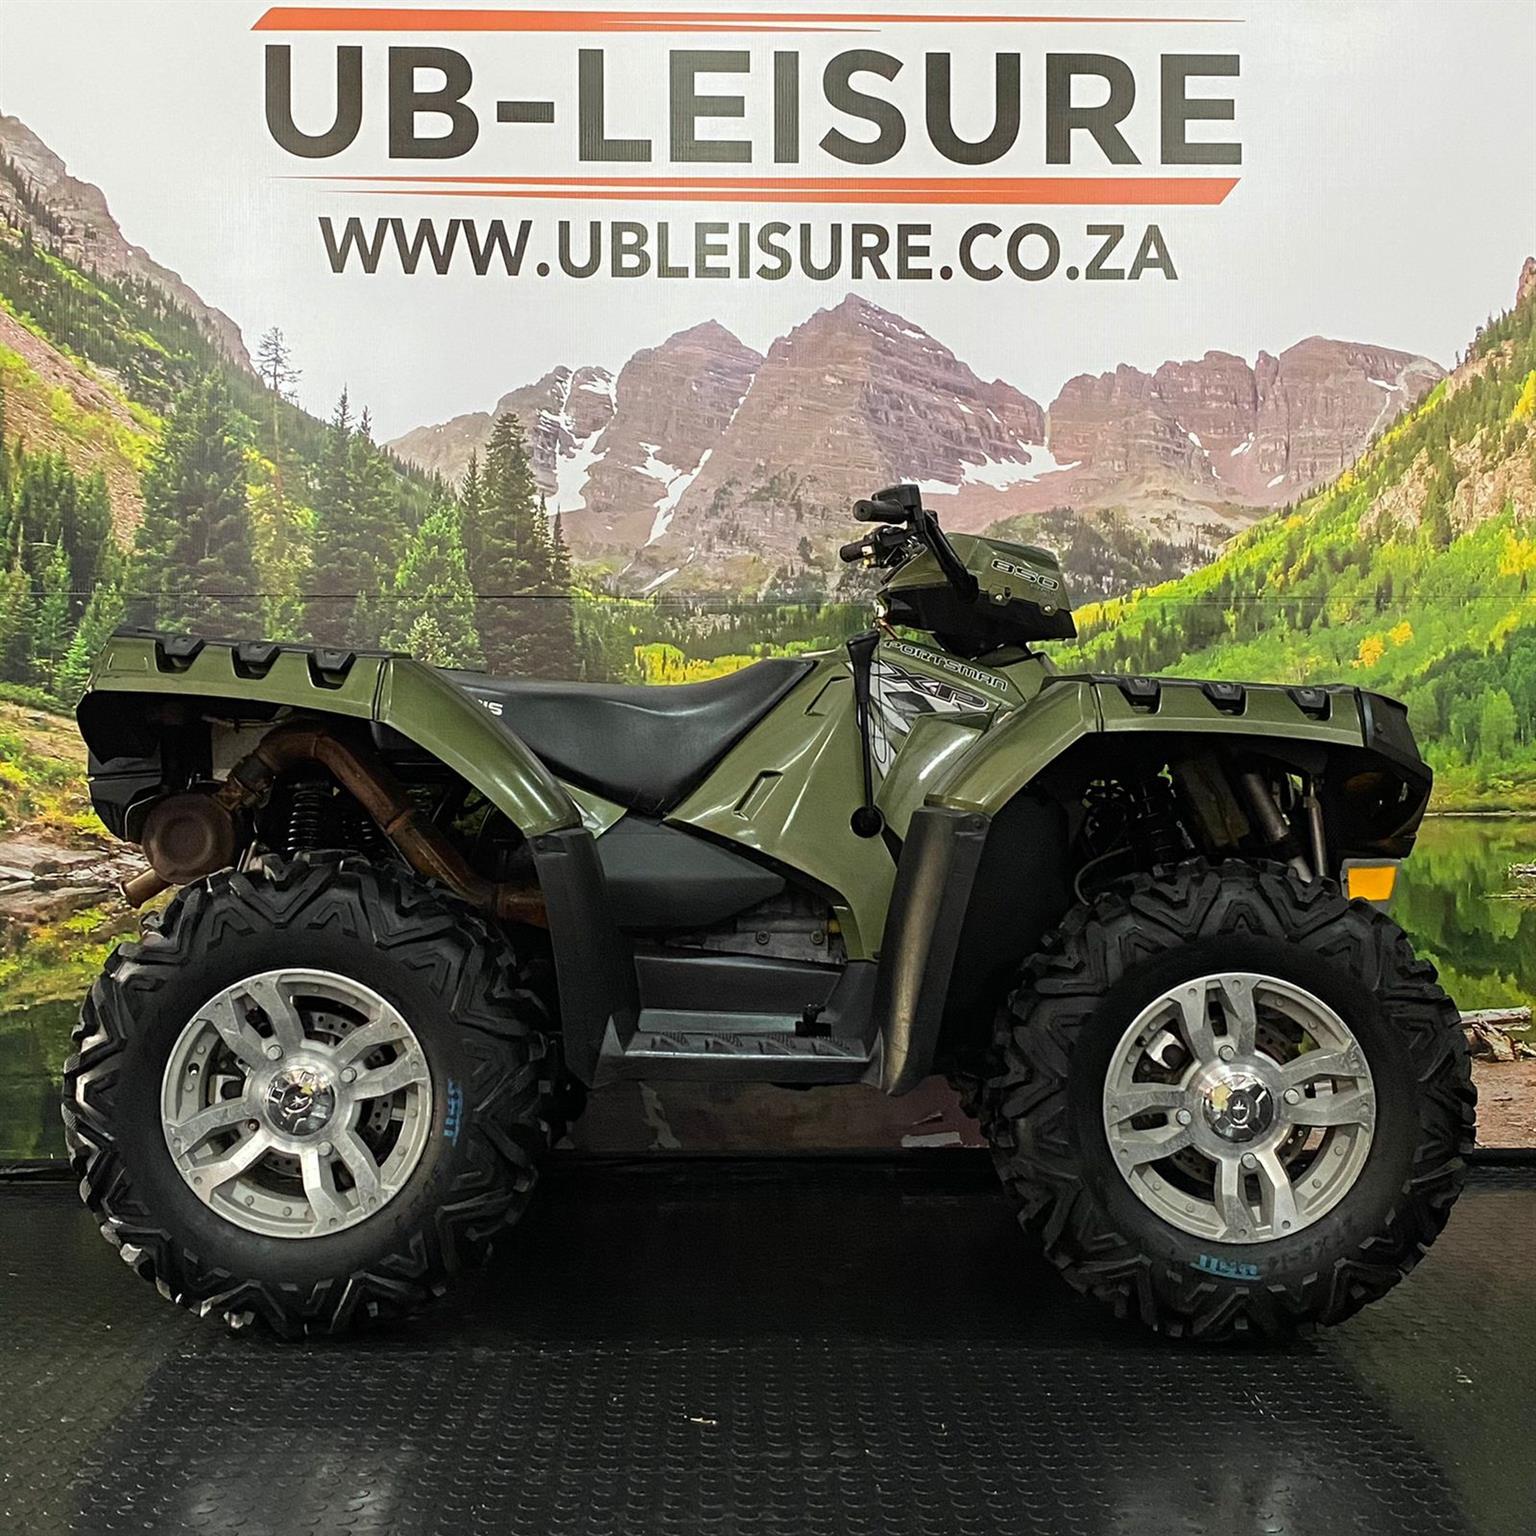 2008 POLARIS XP 850 | UB LEISURE